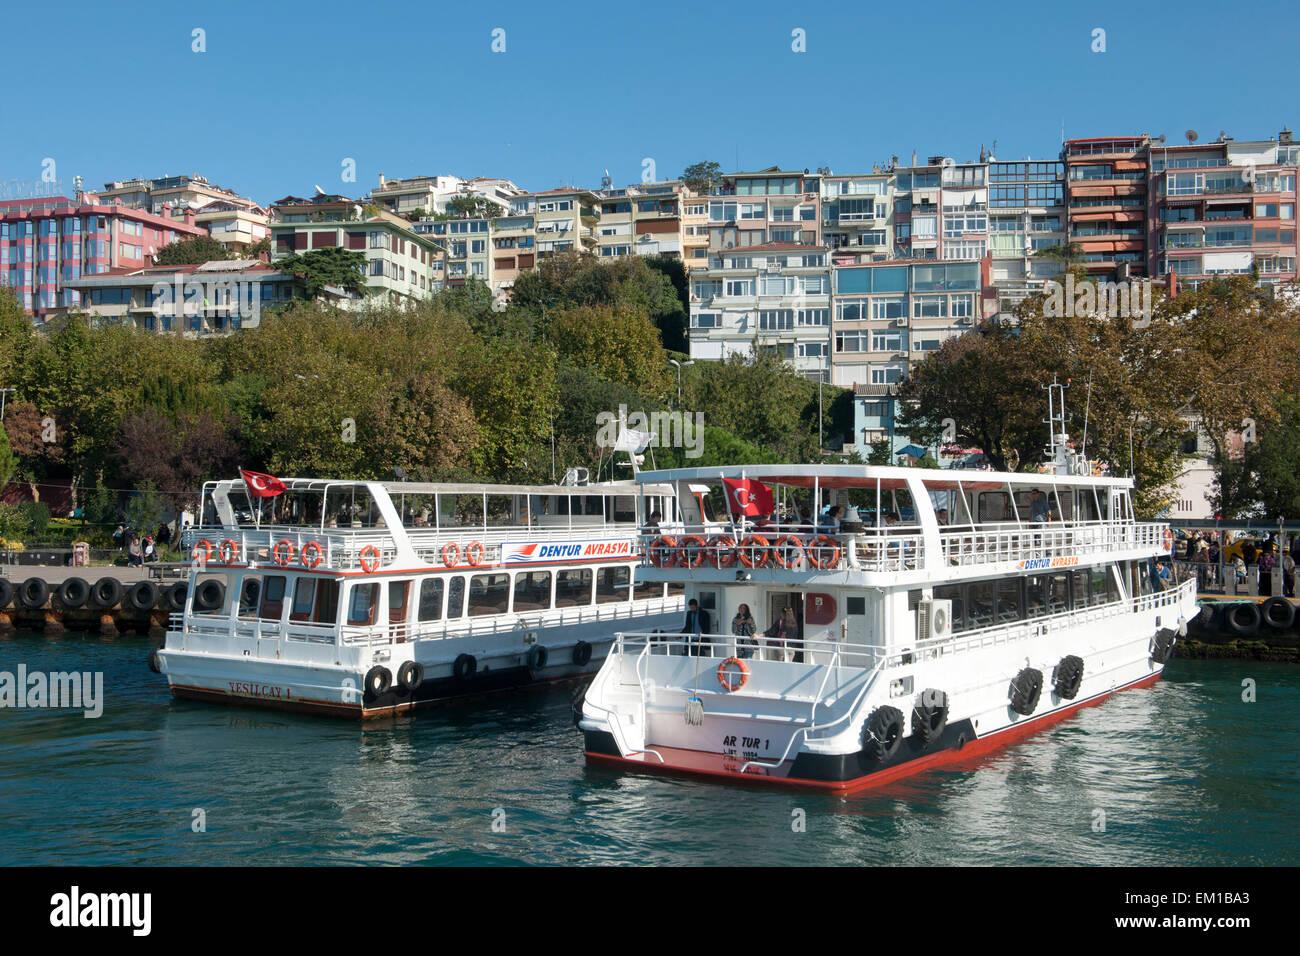 Türkei, Istanbul, Üsküdar, Fähranleger (Iskele) - Stock Image